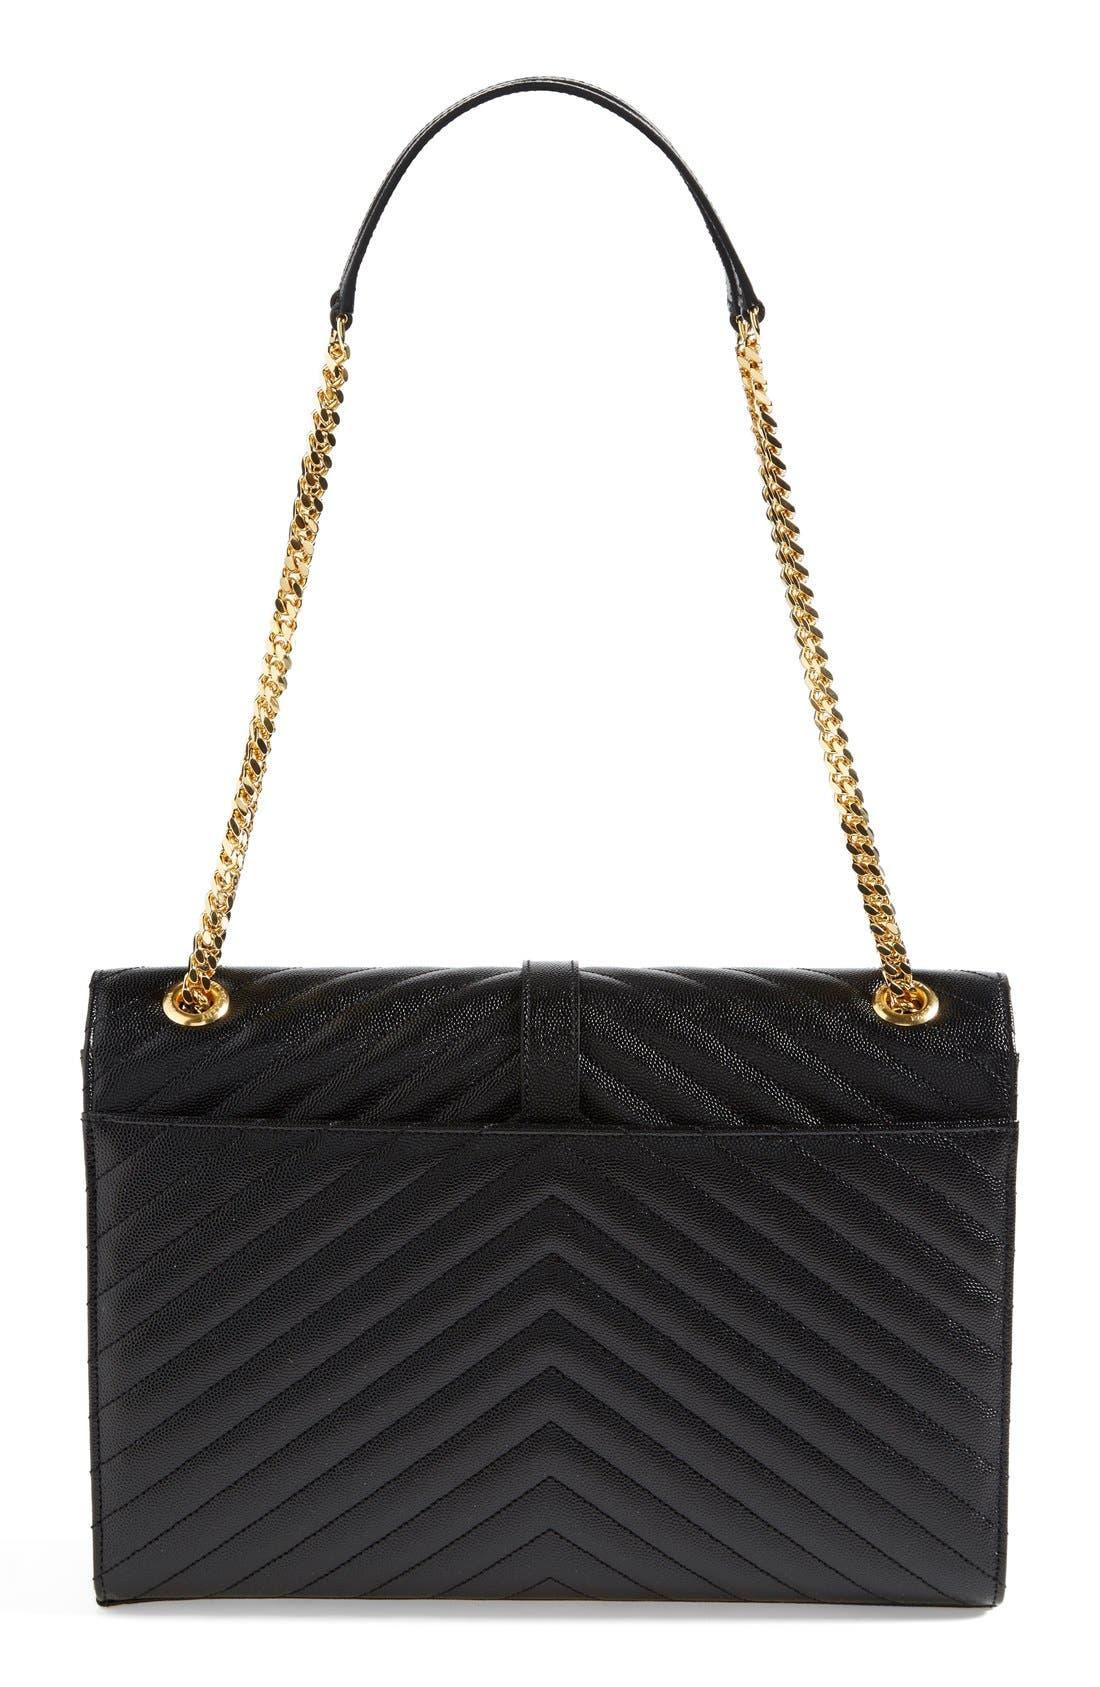 Alternate Image 3  - Saint Laurent 'Monogram' Leather Shoulder Bag